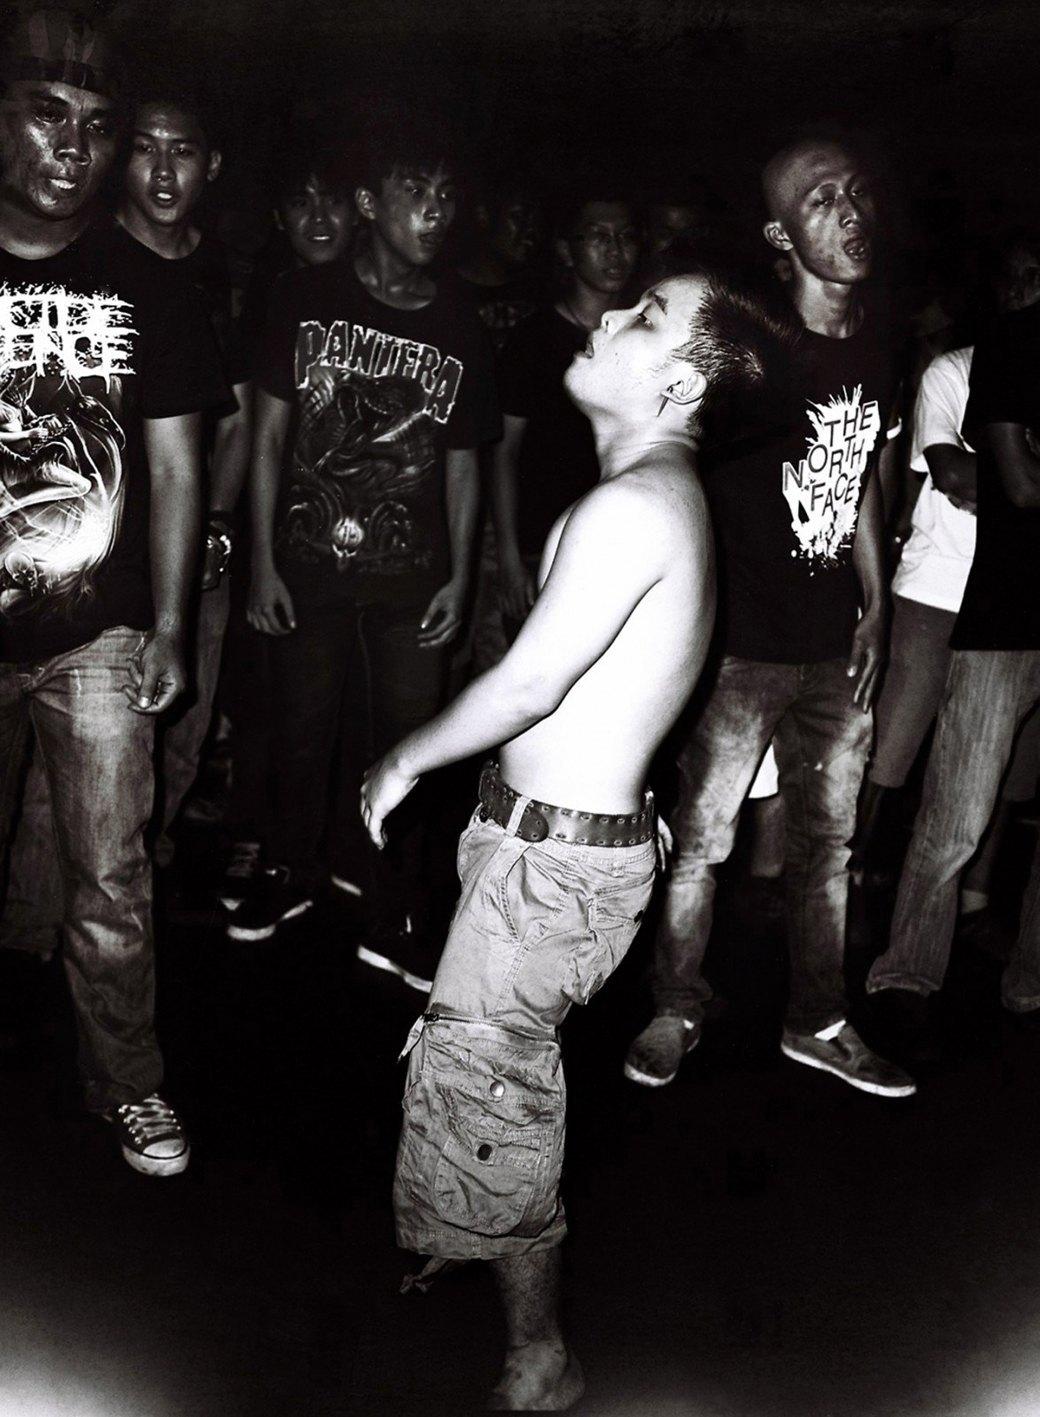 Азиатский андеграунд: Панк, грайндкор и экстремальный метал по-вьетнамски . Изображение № 10.